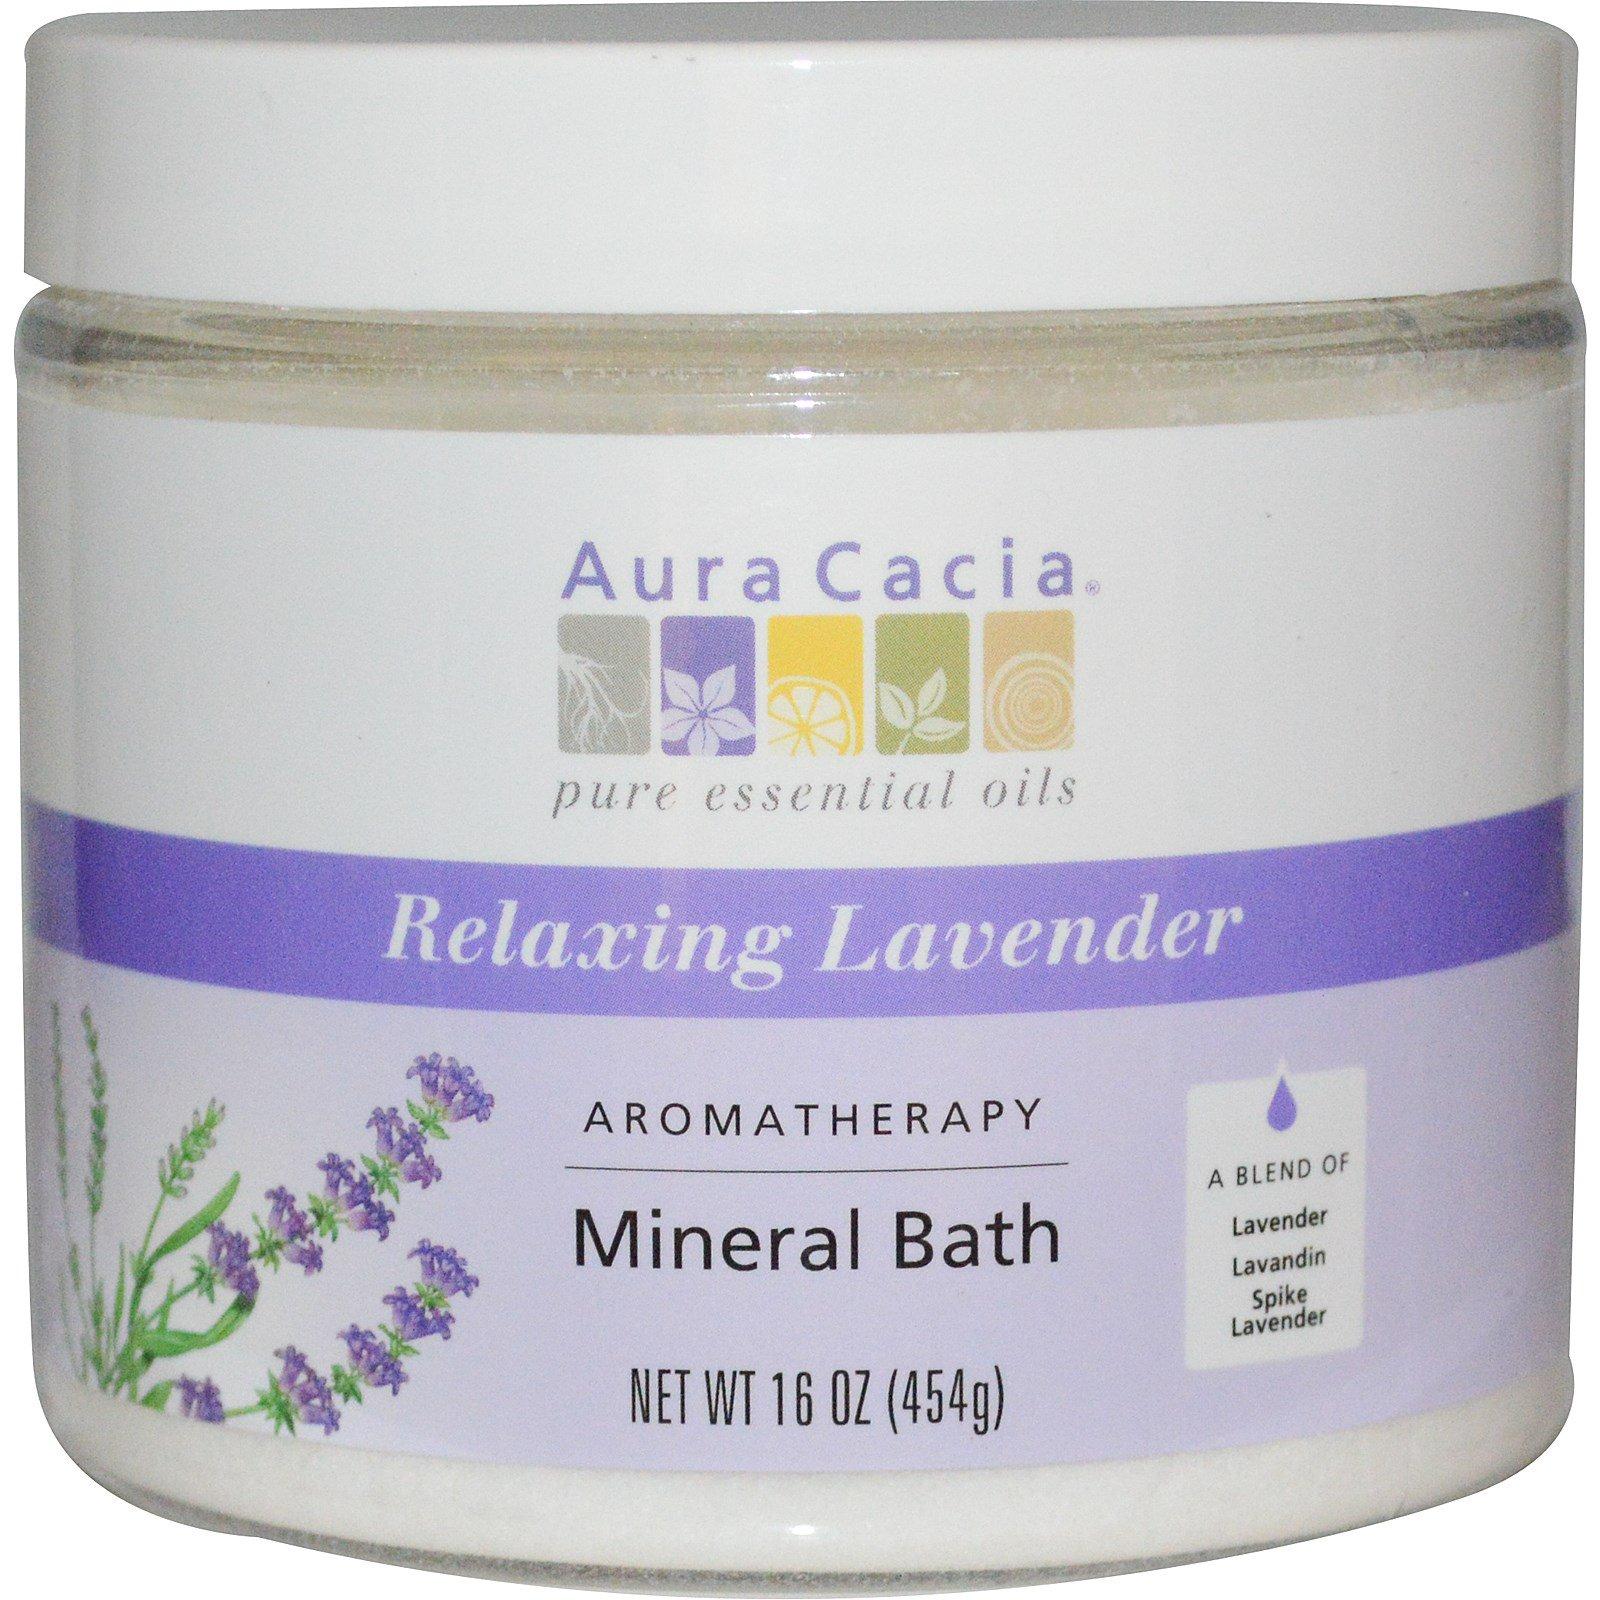 Aura Cacia, Ароматерапевтическое минеральное средство для ванны, расслабляющая лаванда, 16 унций (454 г)